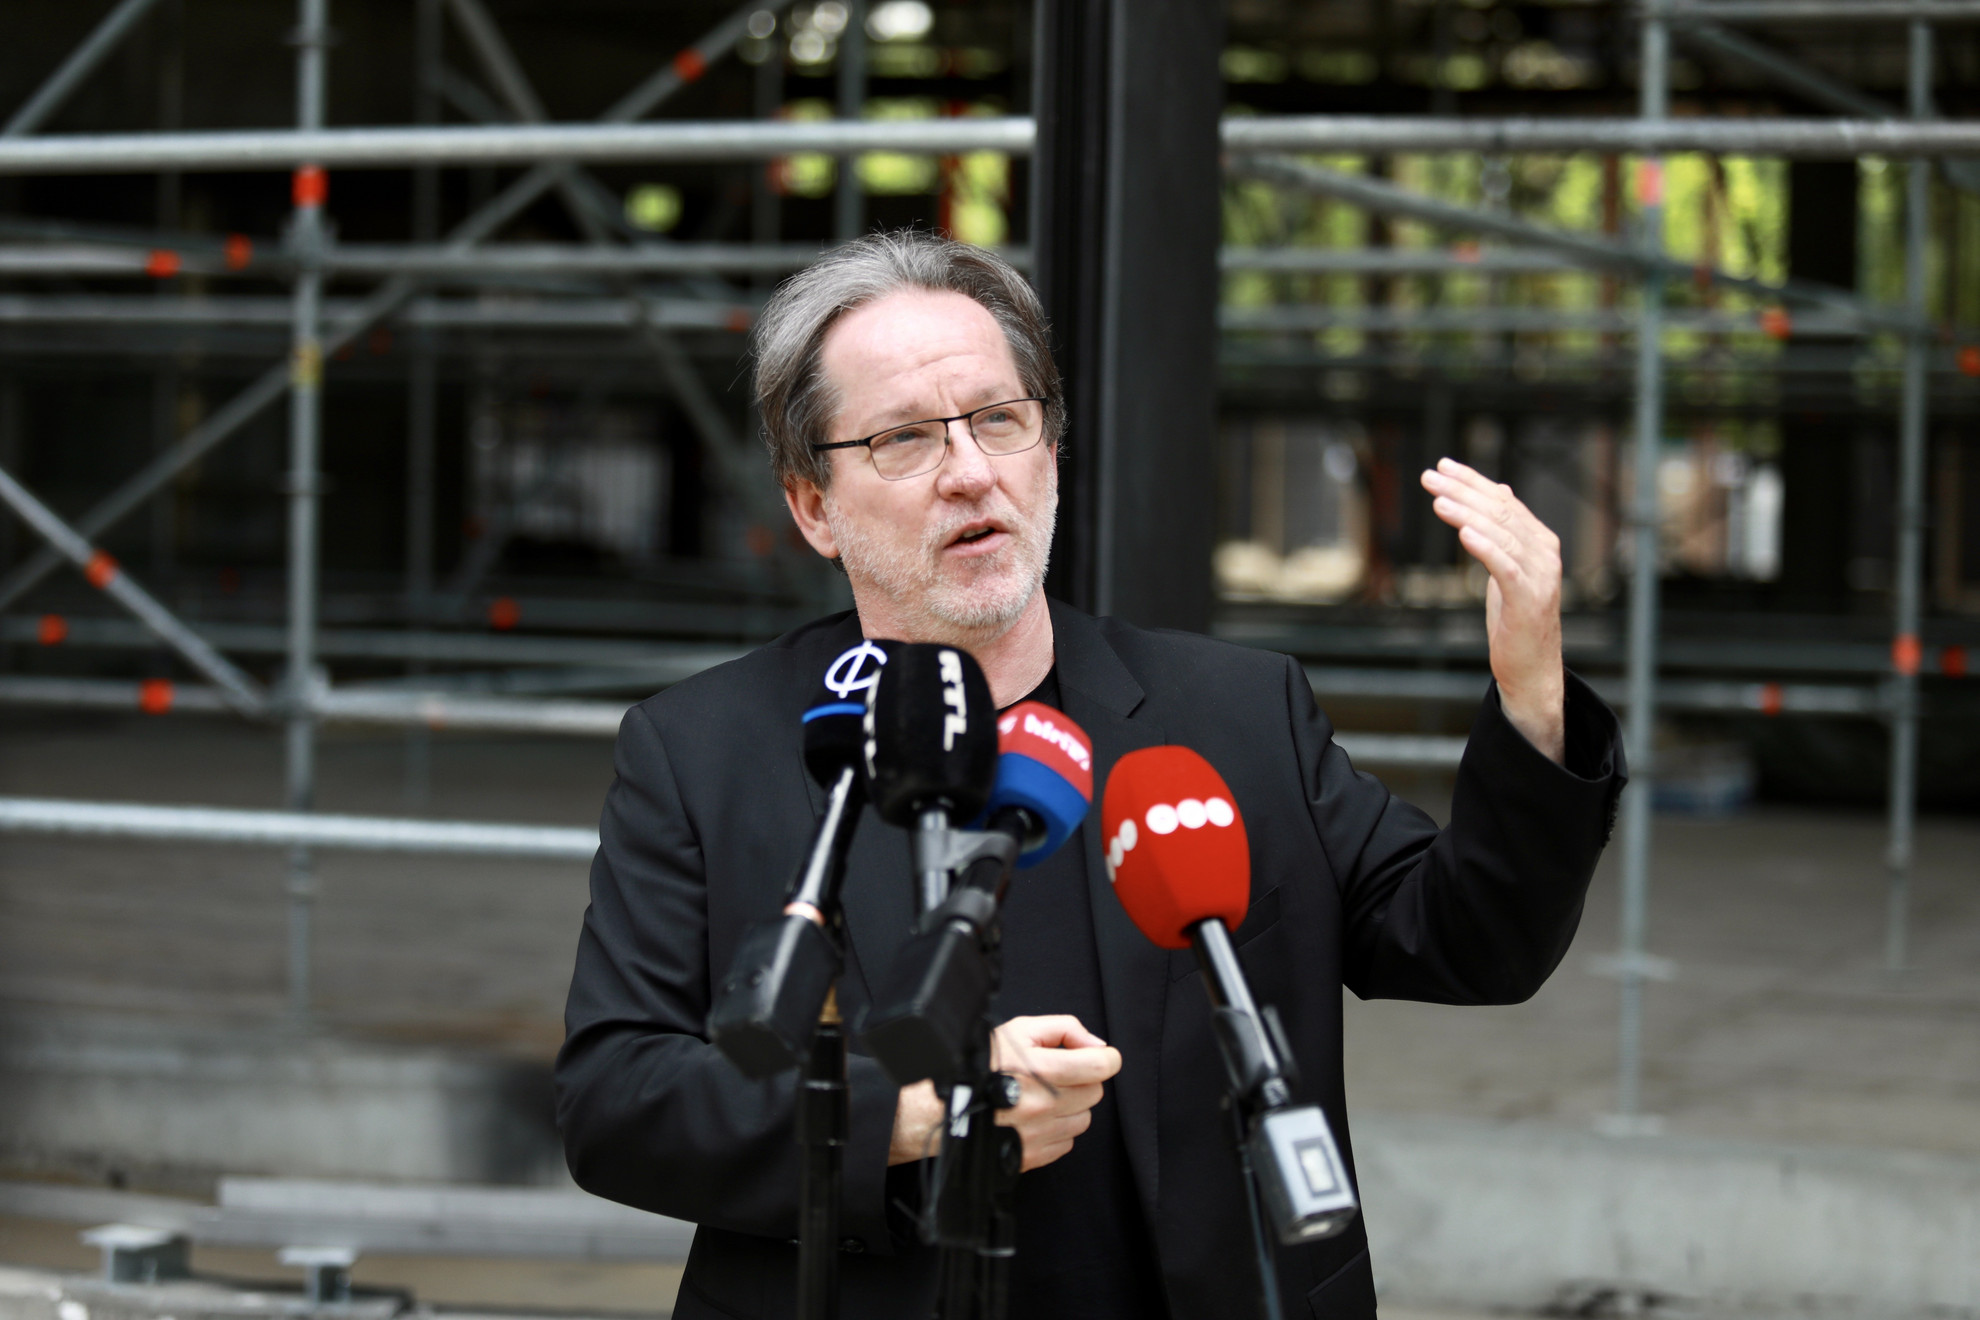 Baán László, a Liget Budapest Projekt miniszteri biztosa